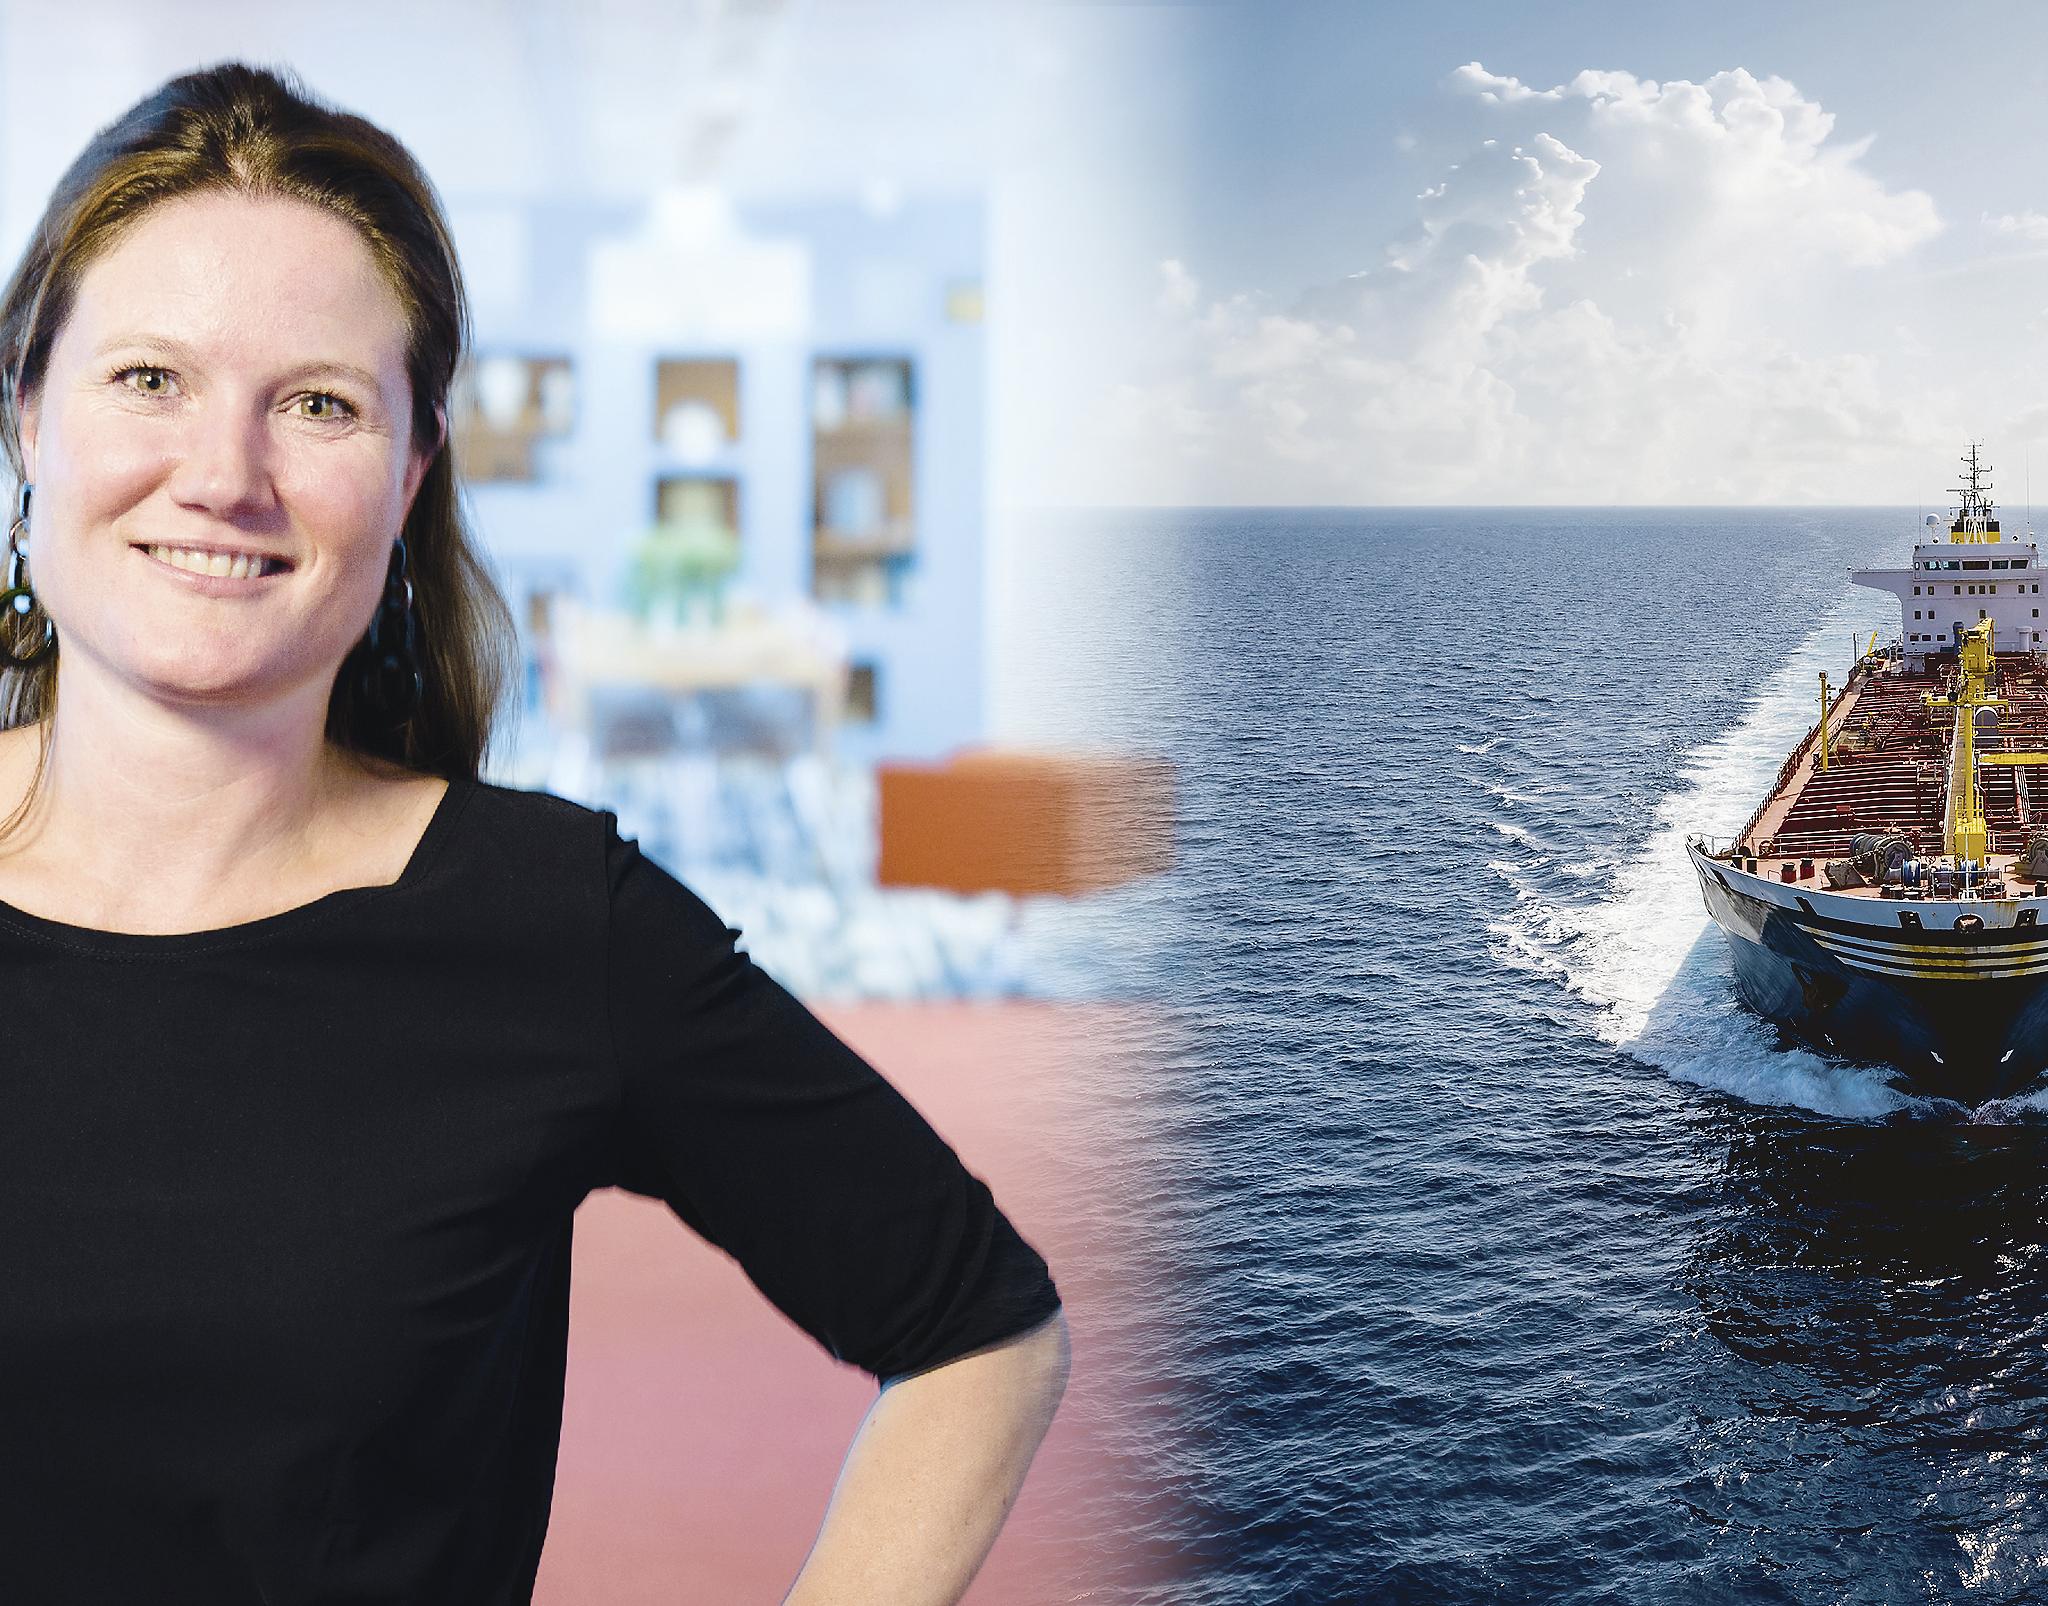 Annet Koster: 'Wil je mondiale maatregelen, moet je mondiaal draagvlak hebben.' (Illustratie Bureau OMA)